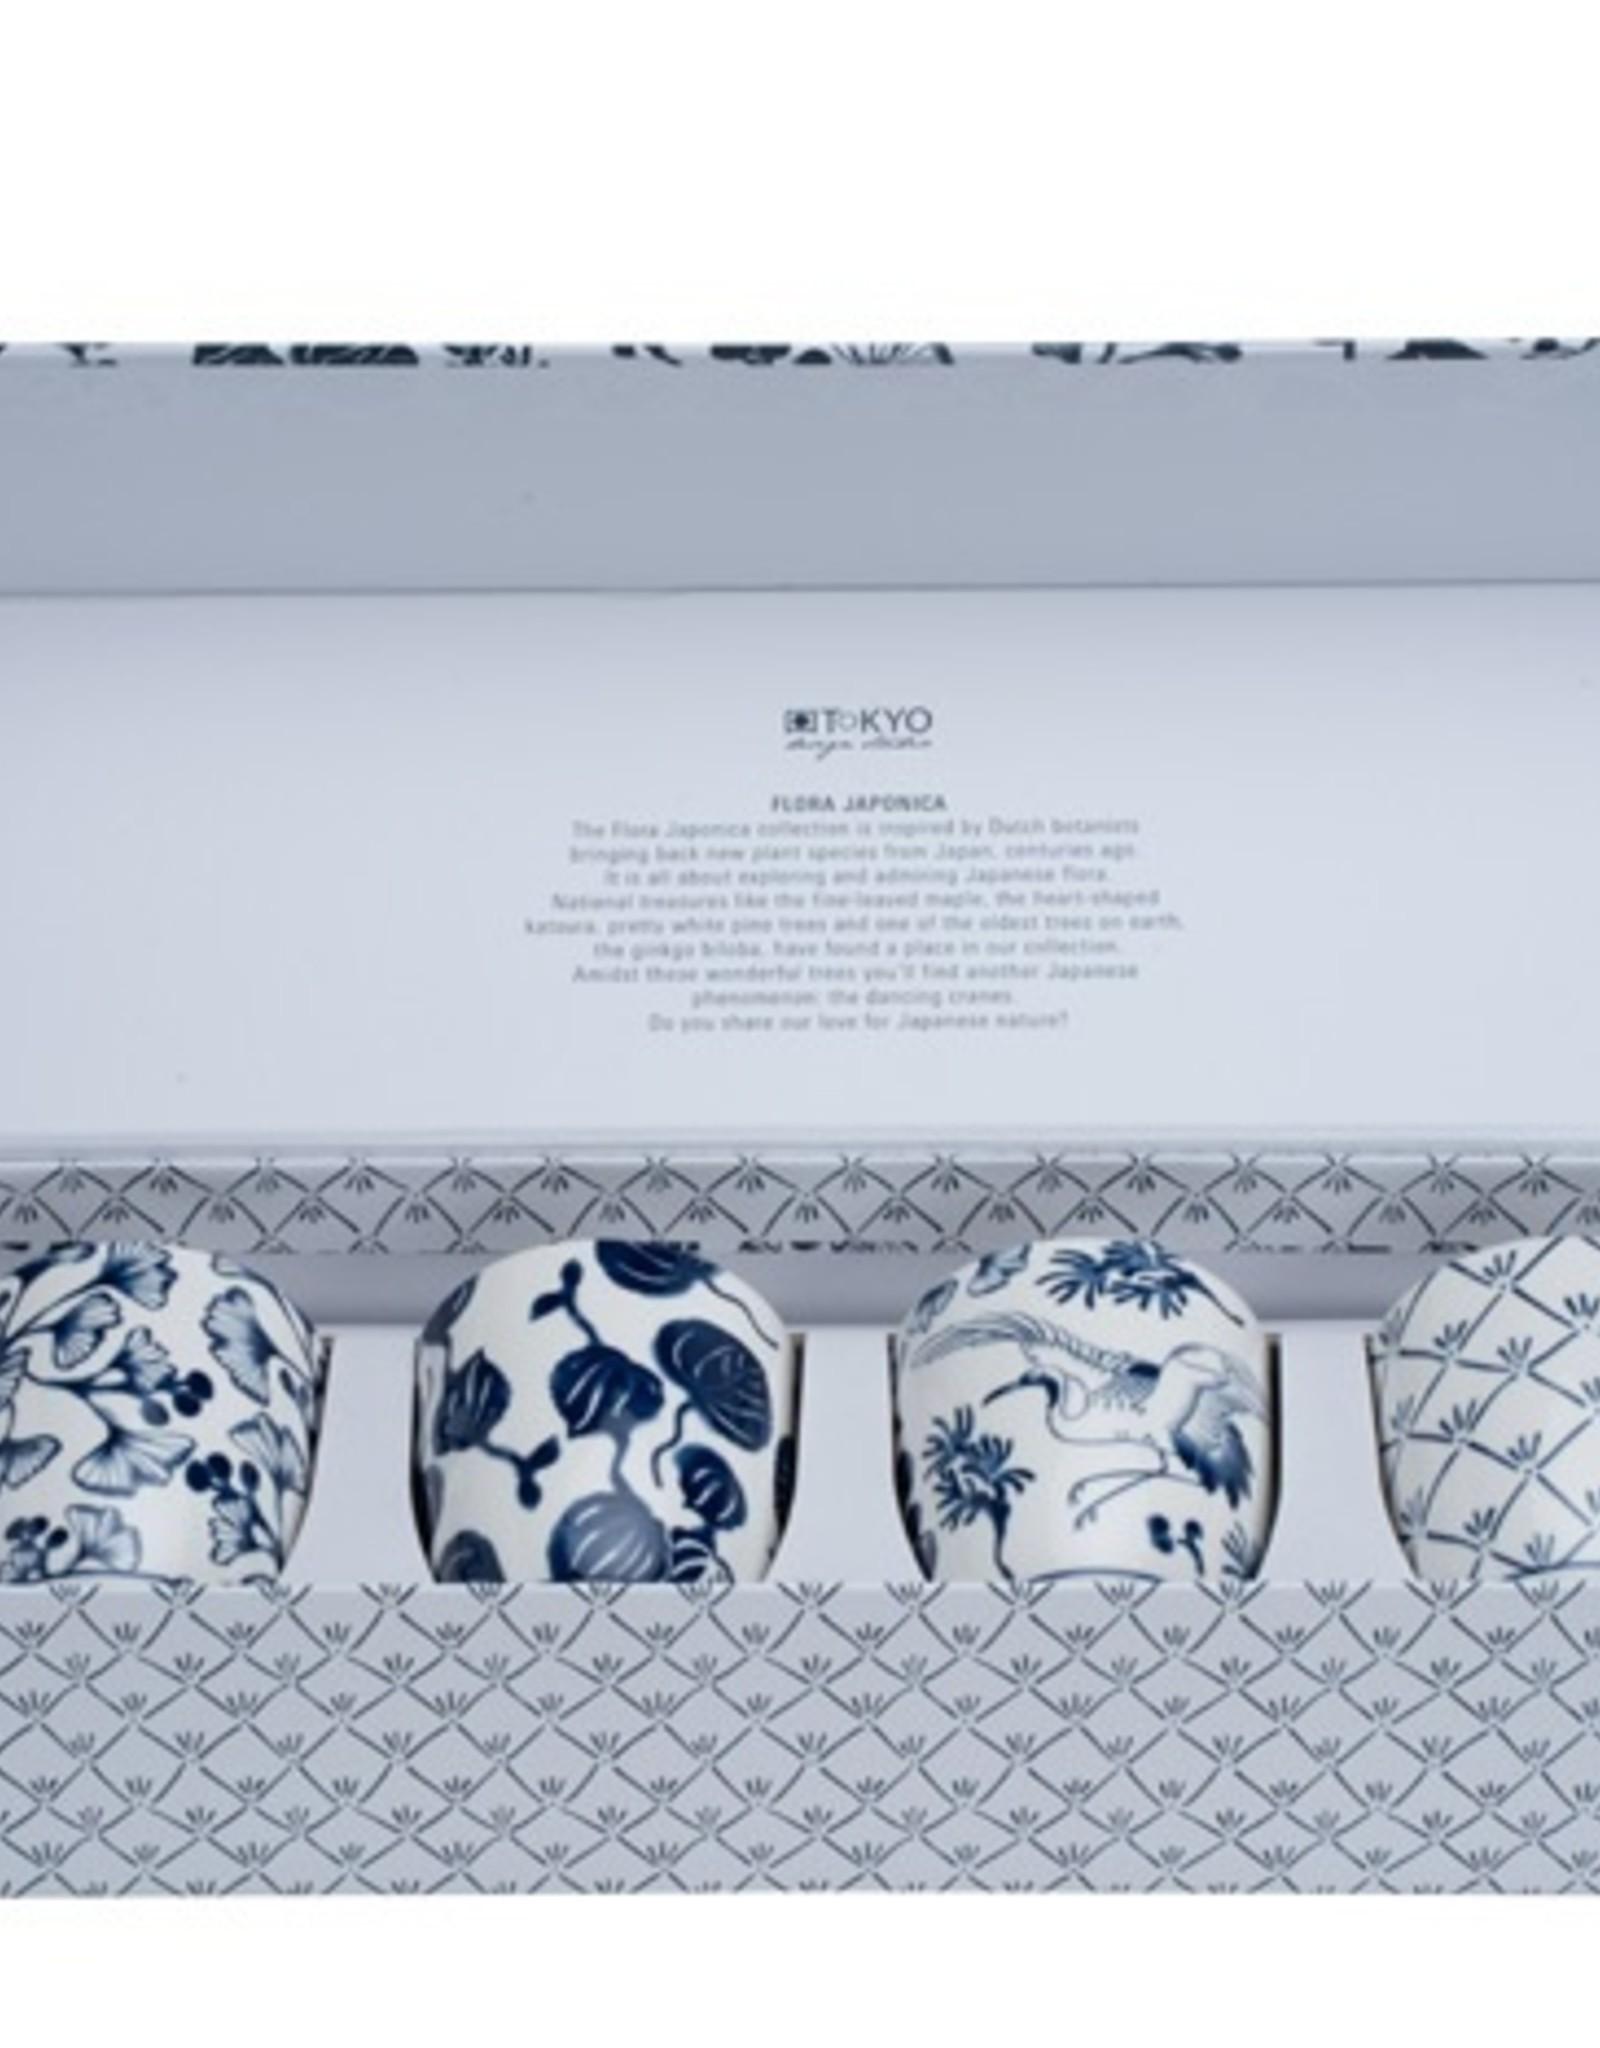 Tokyo Design Studio (Temporarily sold out) Flora Japonica teacups gift set